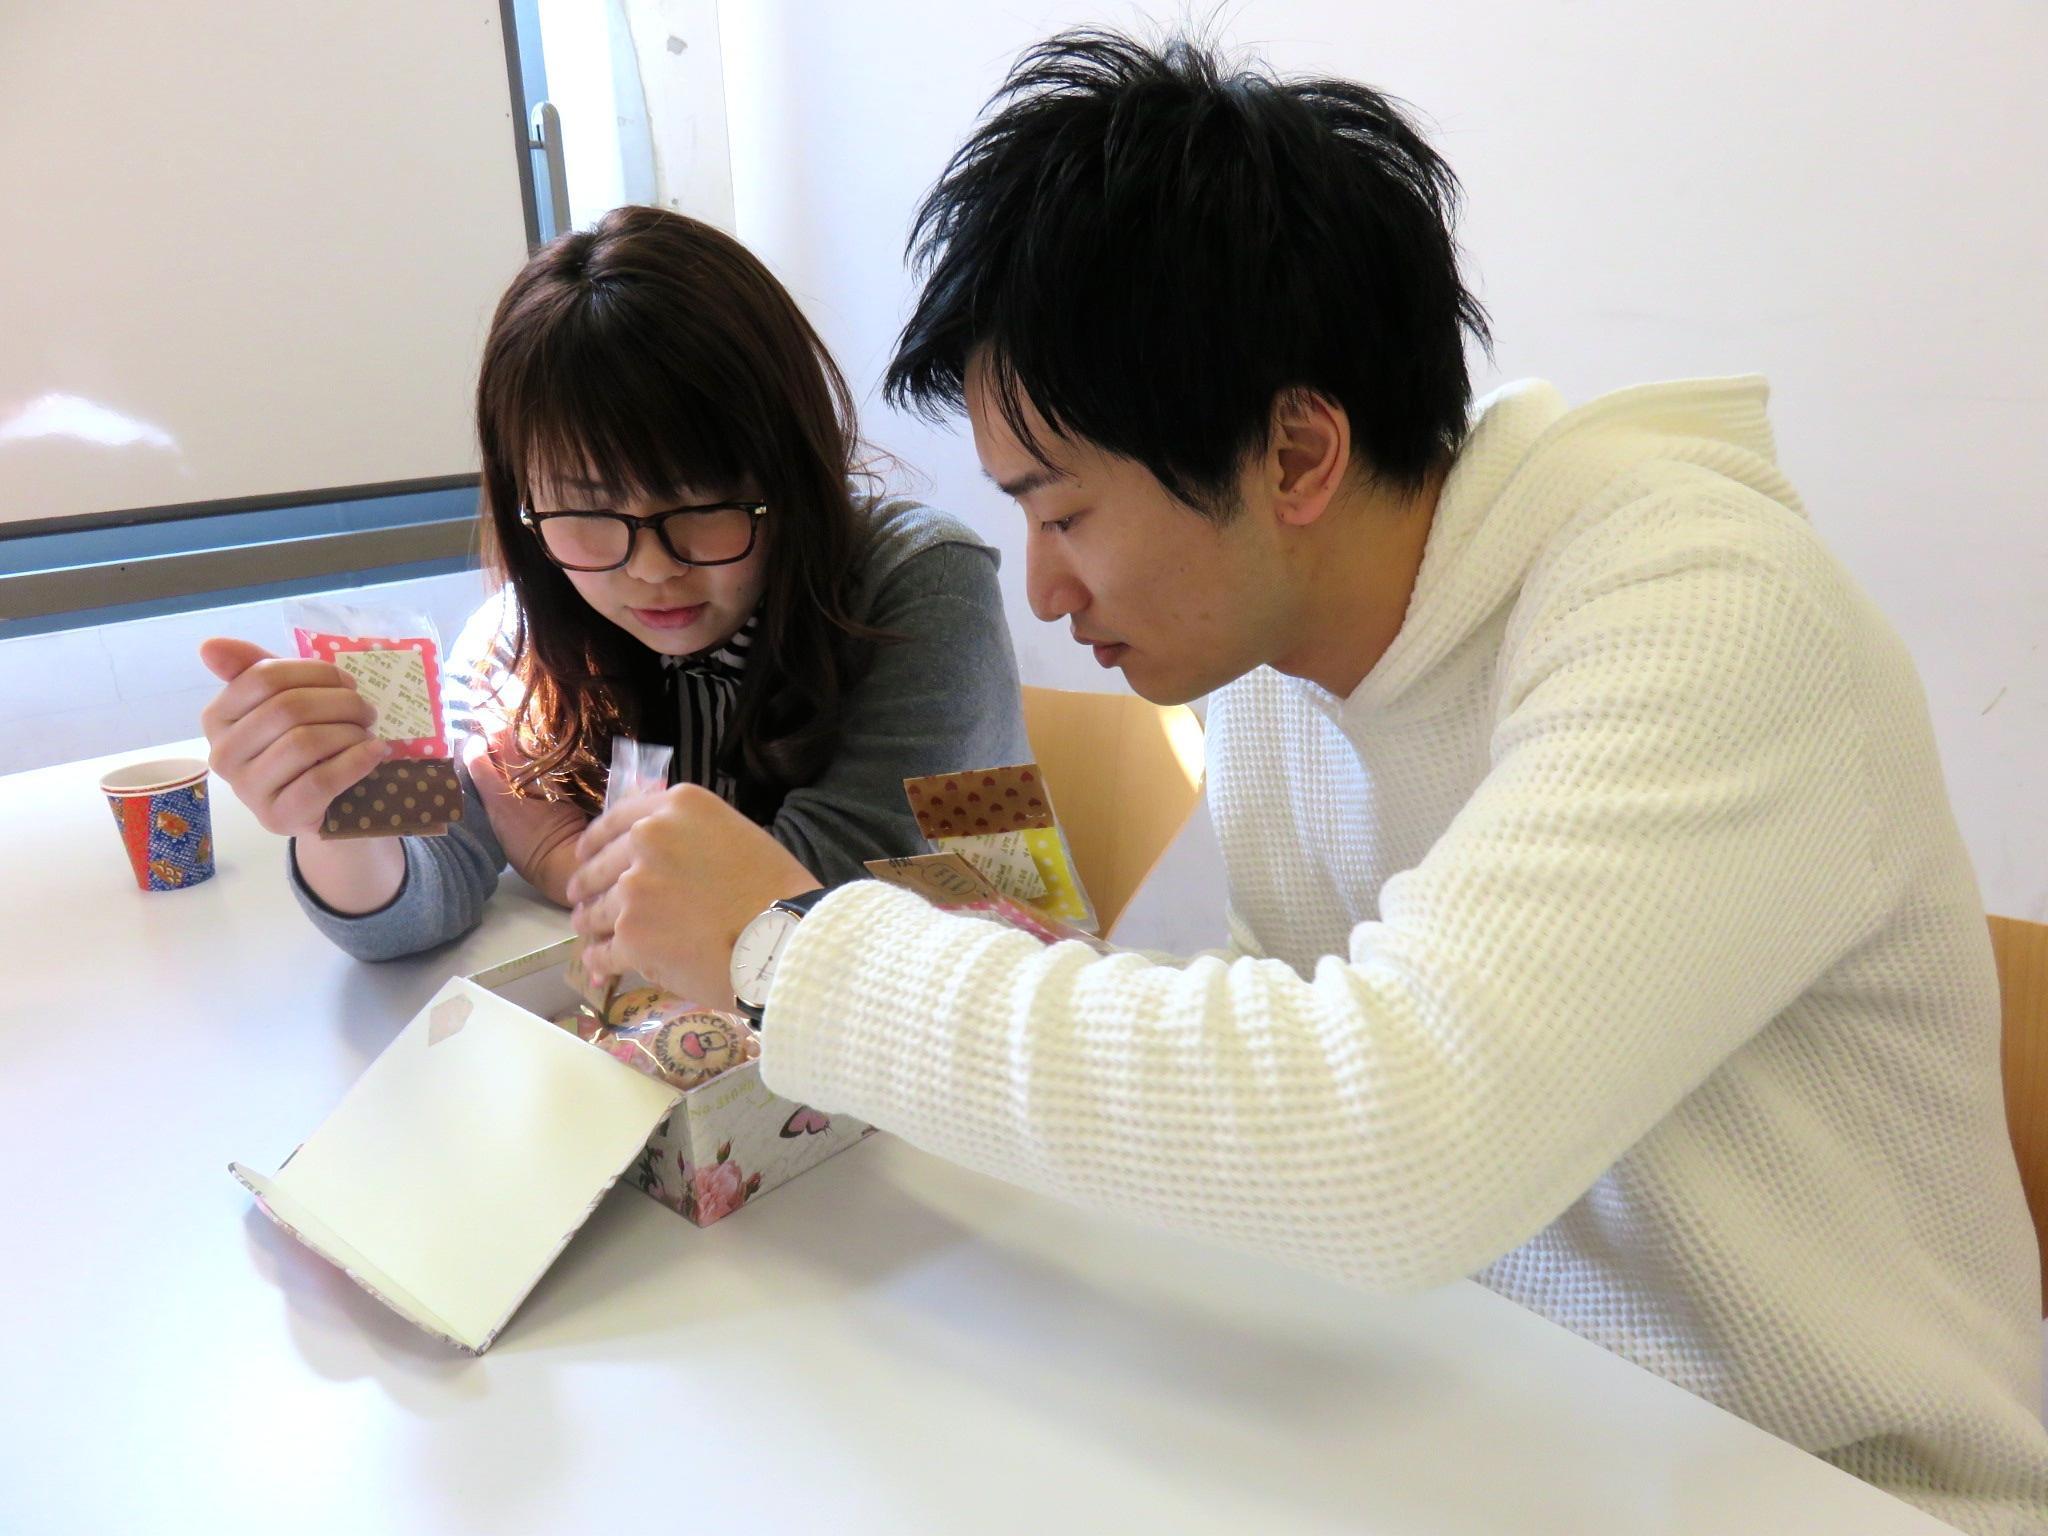 http://news.yoshimoto.co.jp/20170224191642-2a14f818f0214166720bdc3a04249d0efcfcc4ee.jpg